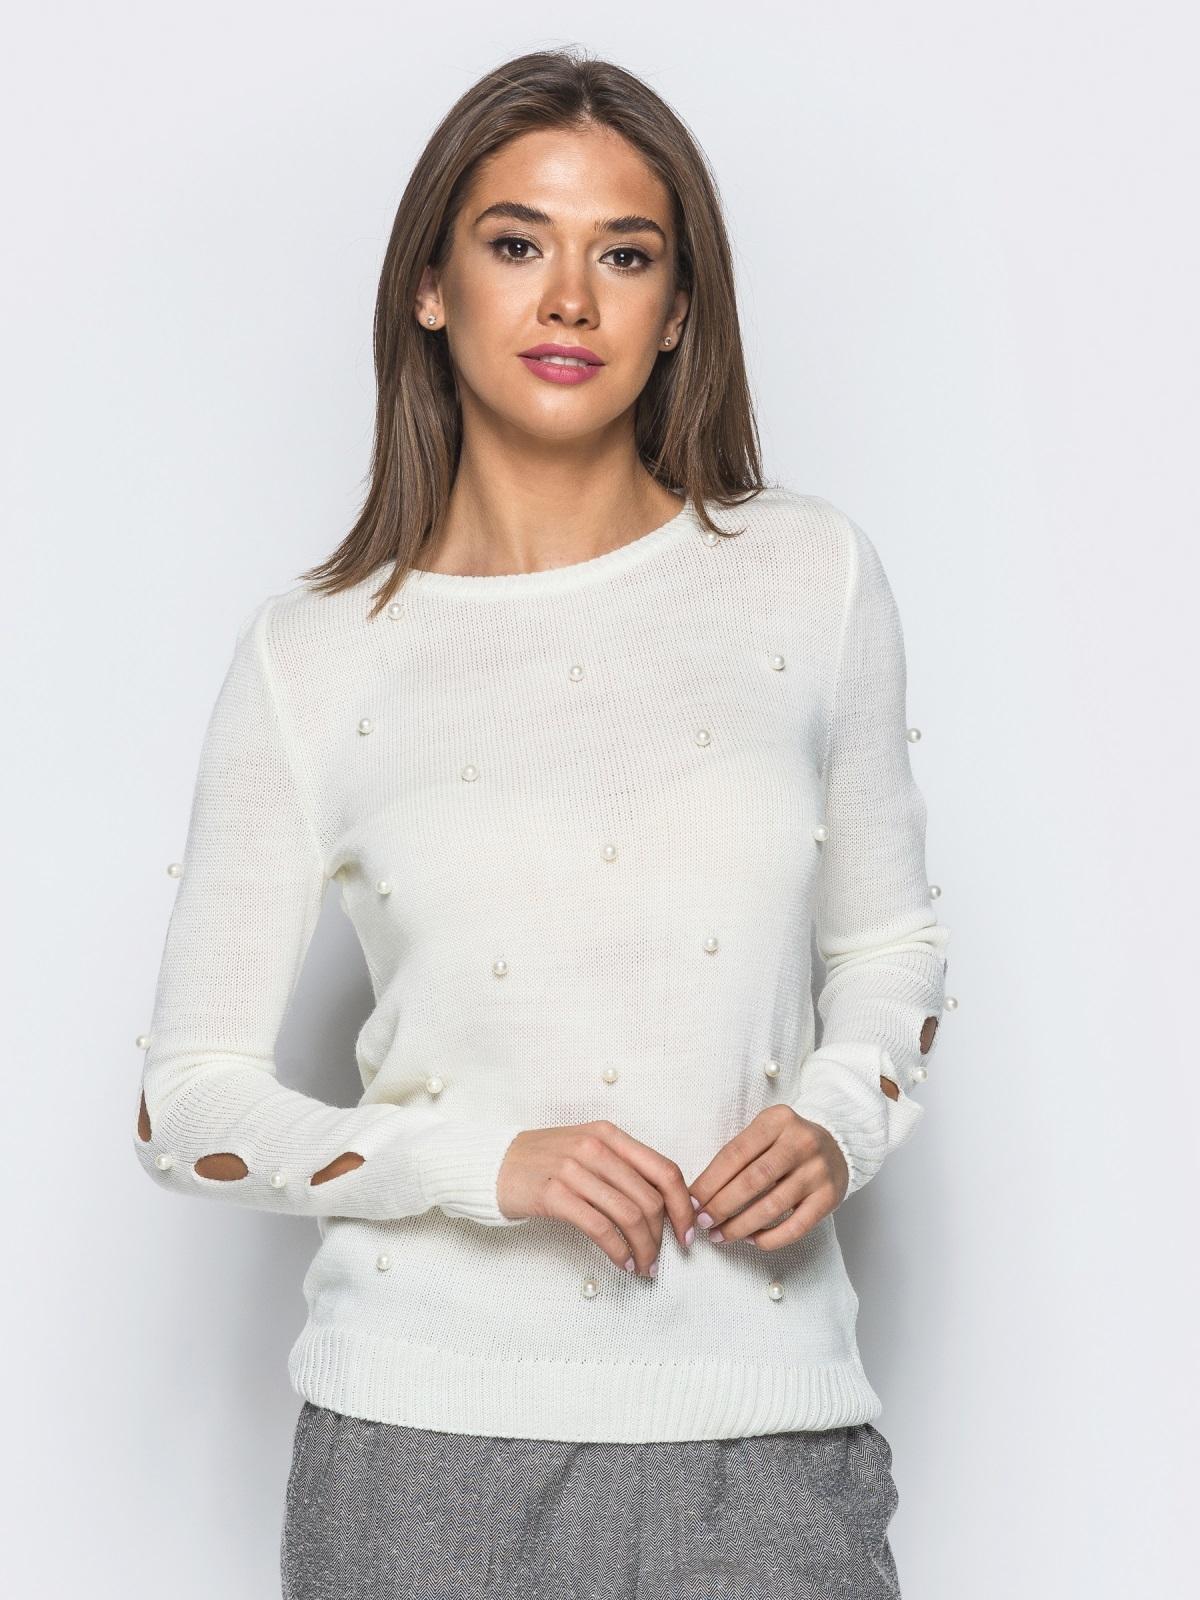 Белый джемпер с вырезами и жемчугом на рукавах - 15795, фото 1 – интернет-магазин Dressa